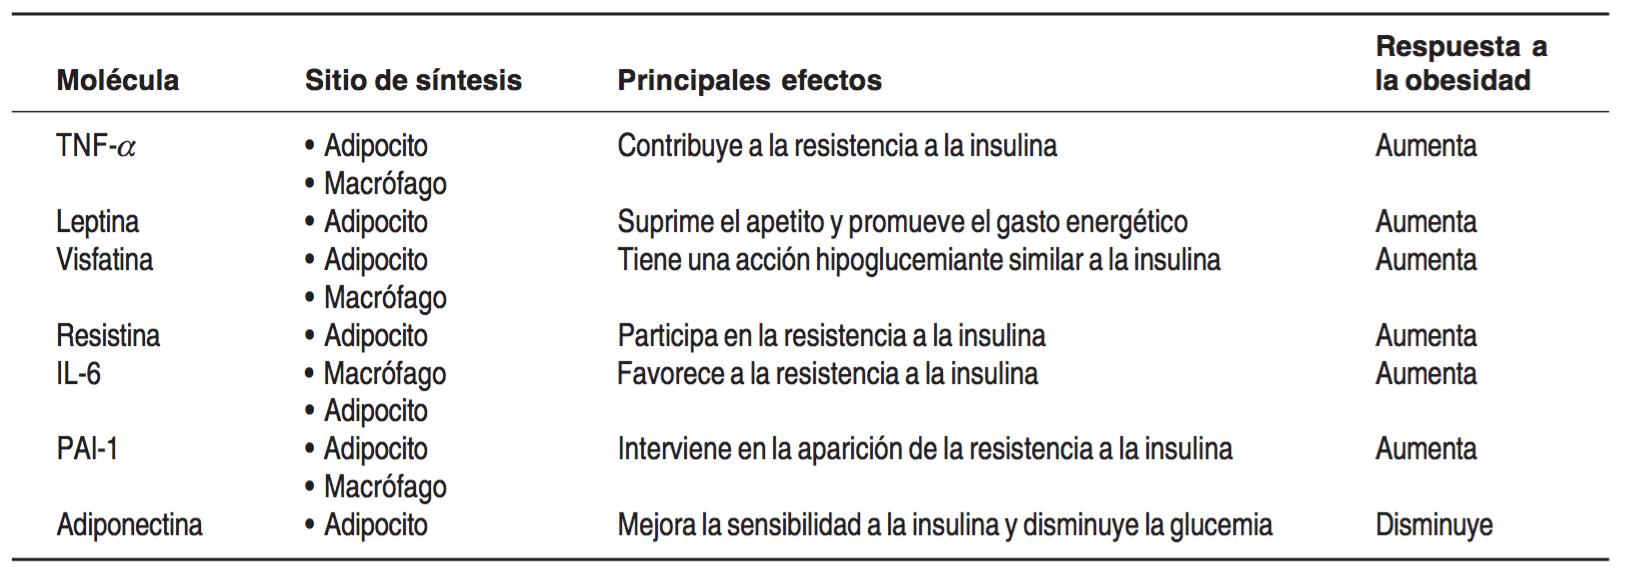 fissac _ Acciones de las citocinas involucradas en la inflamación asociada con obesidad